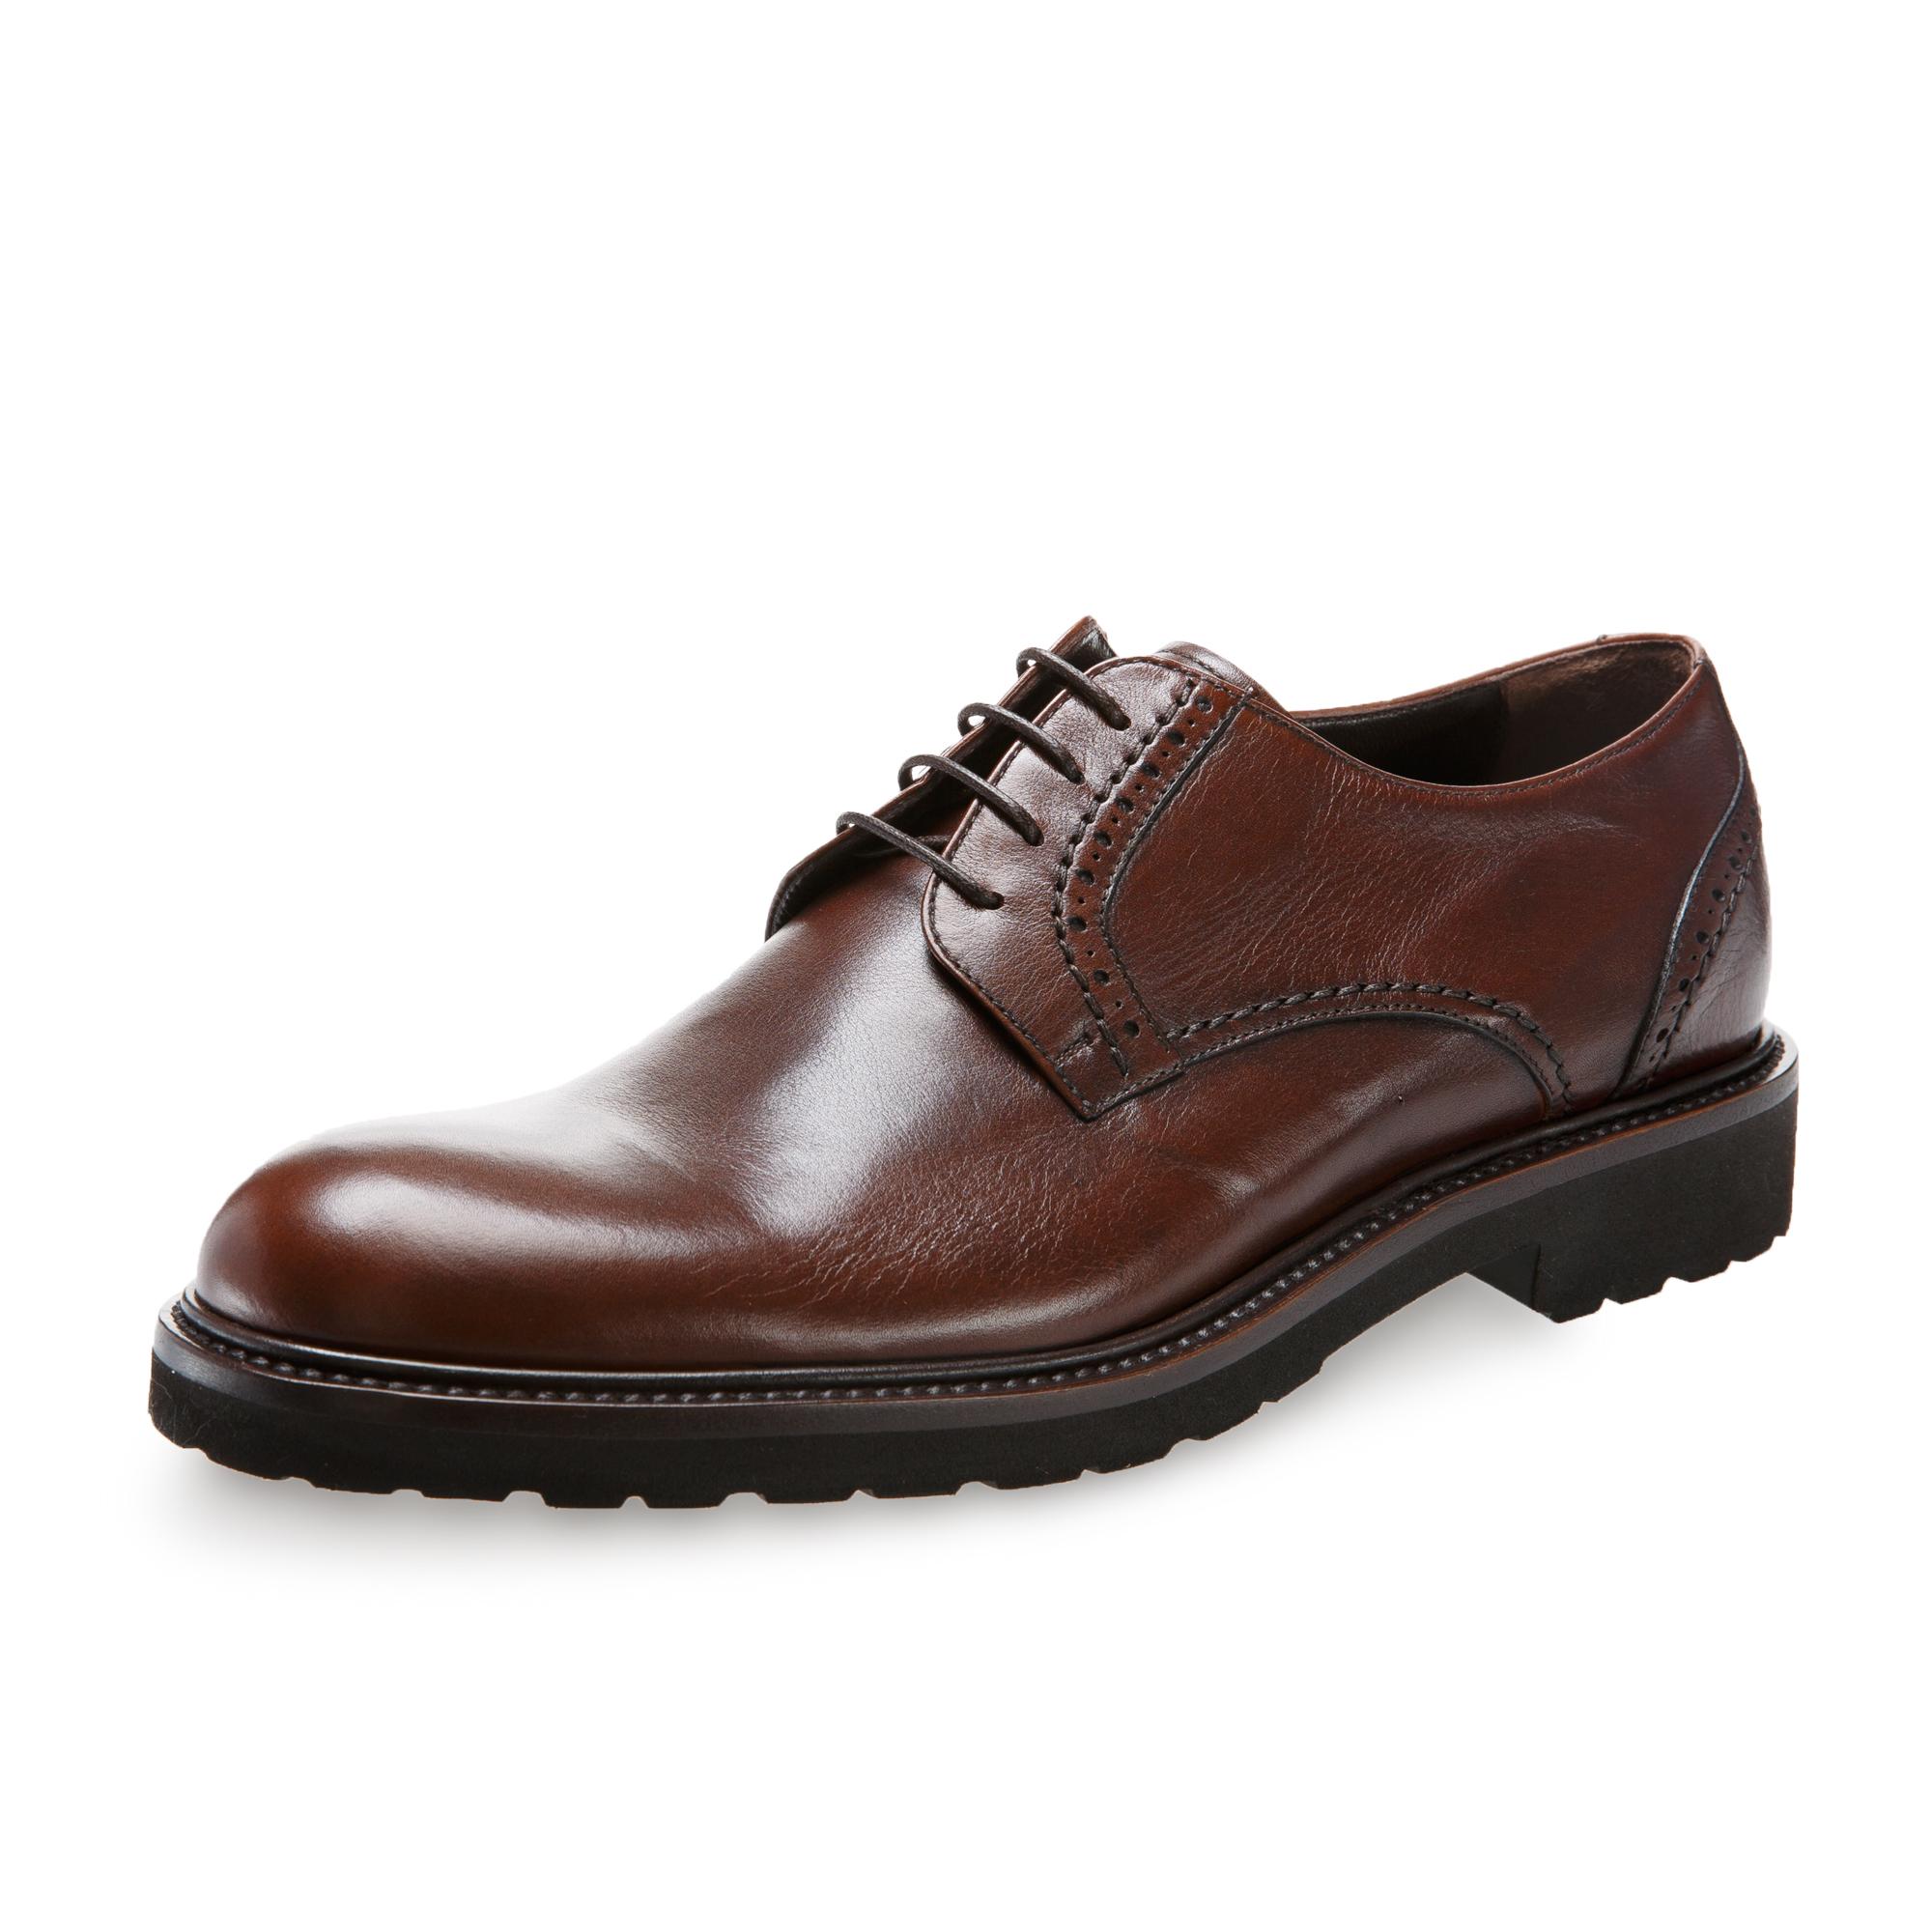 意大利原产germano bellesi圆头牛皮鞋男士皮鞋700 深棕色 41